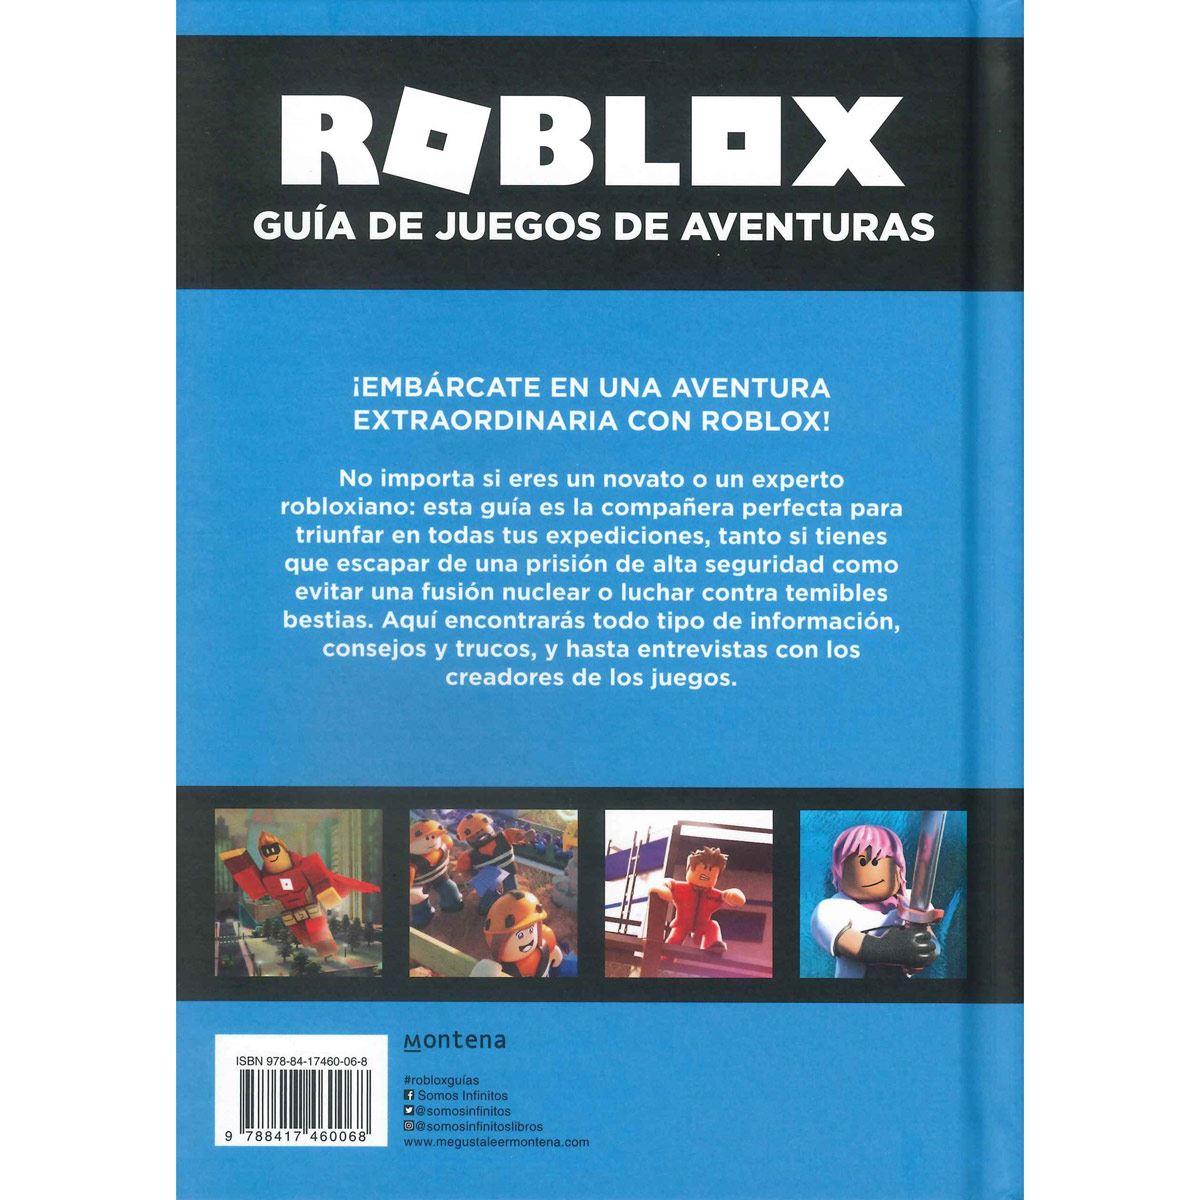 Roblox guía de juegos de aventuras